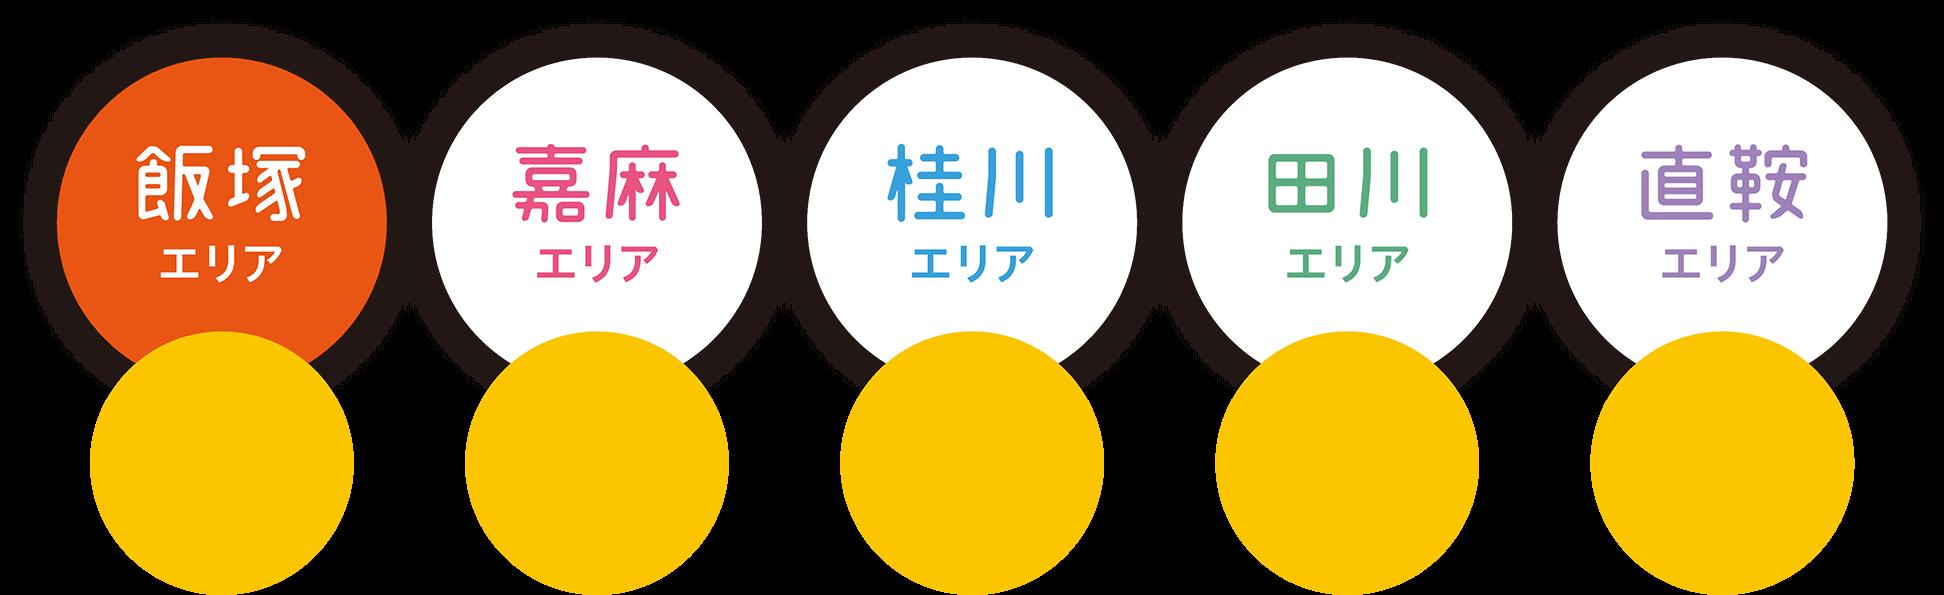 飯塚 森山